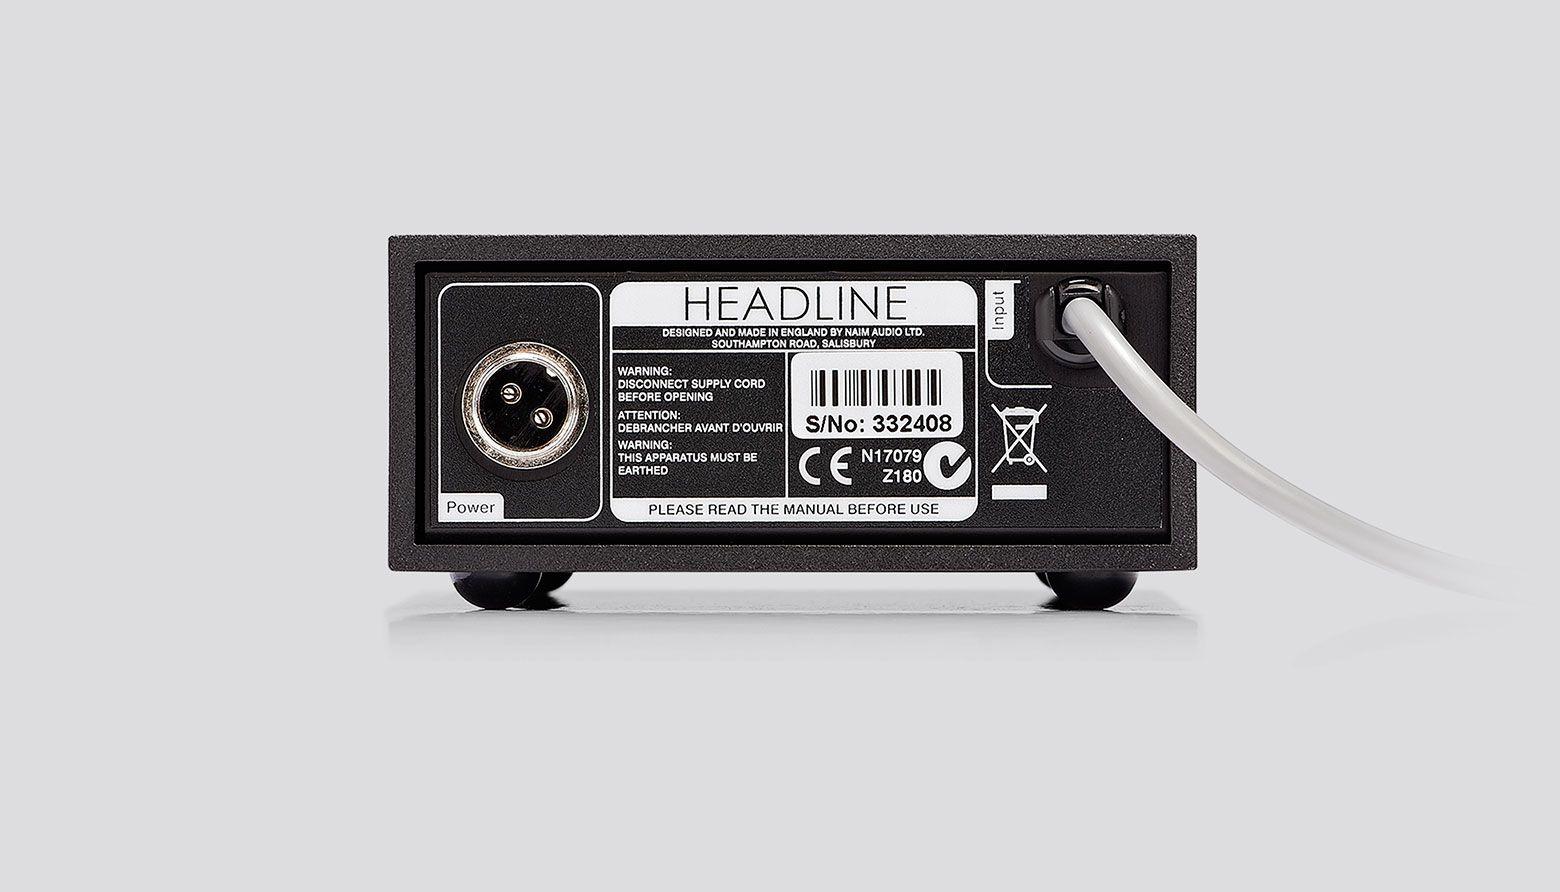 HeadLine Headphone Amplifier - Rear View